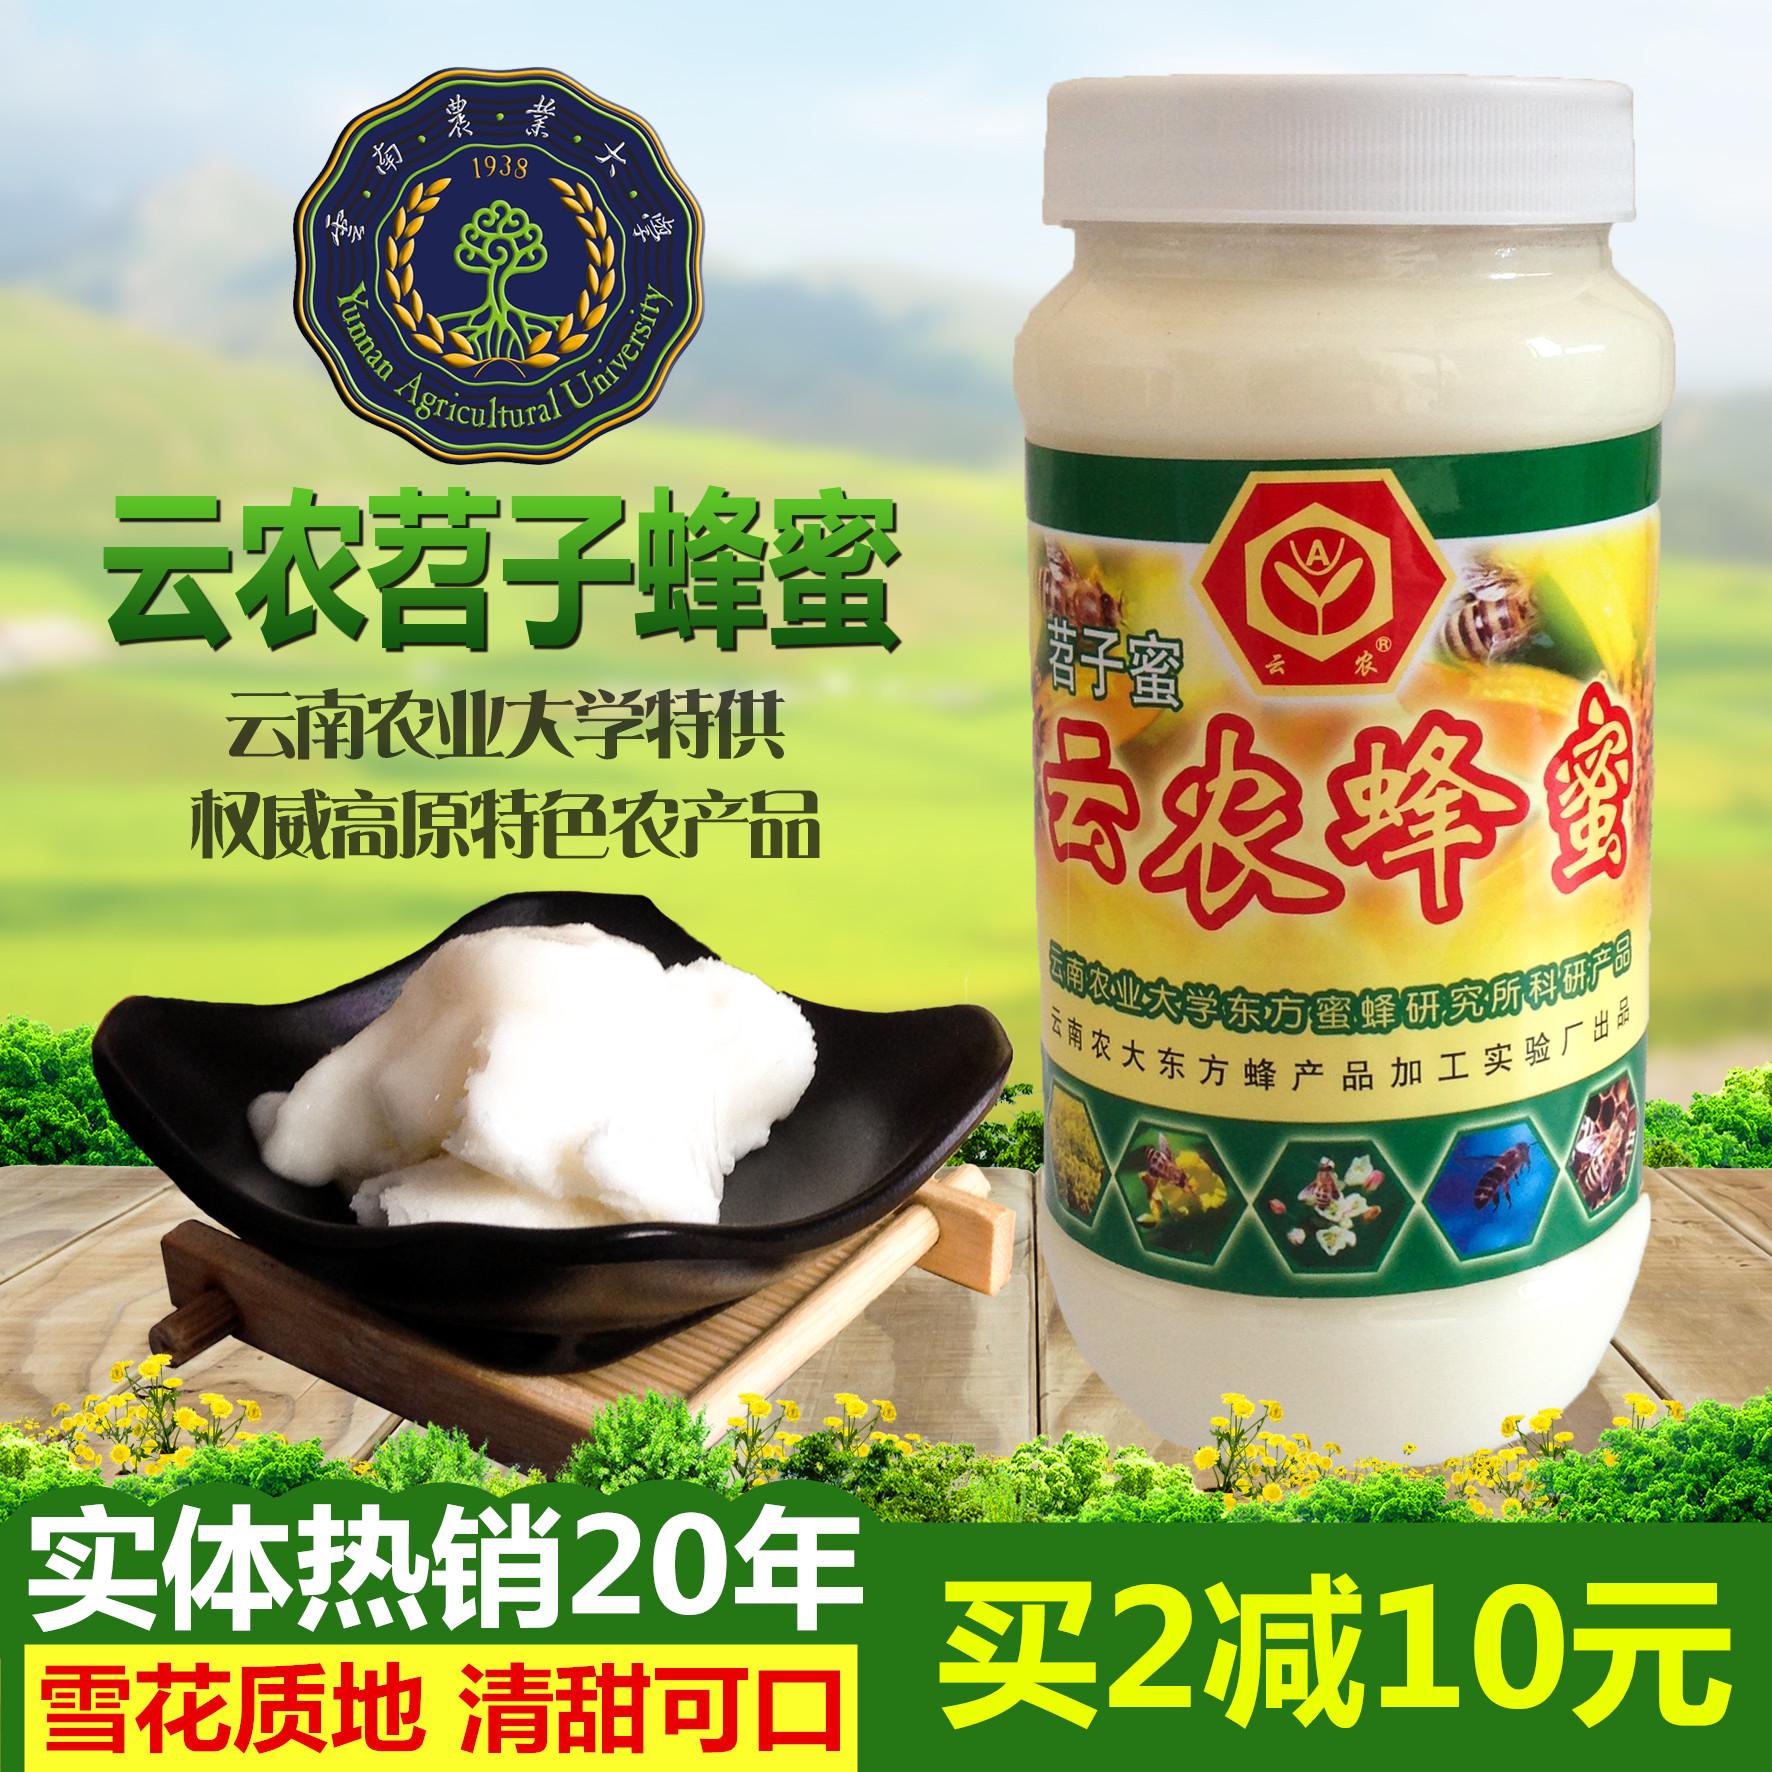 12月09日最新优惠云南雪脂莲蜜纯天然农家980g土蜂蜜